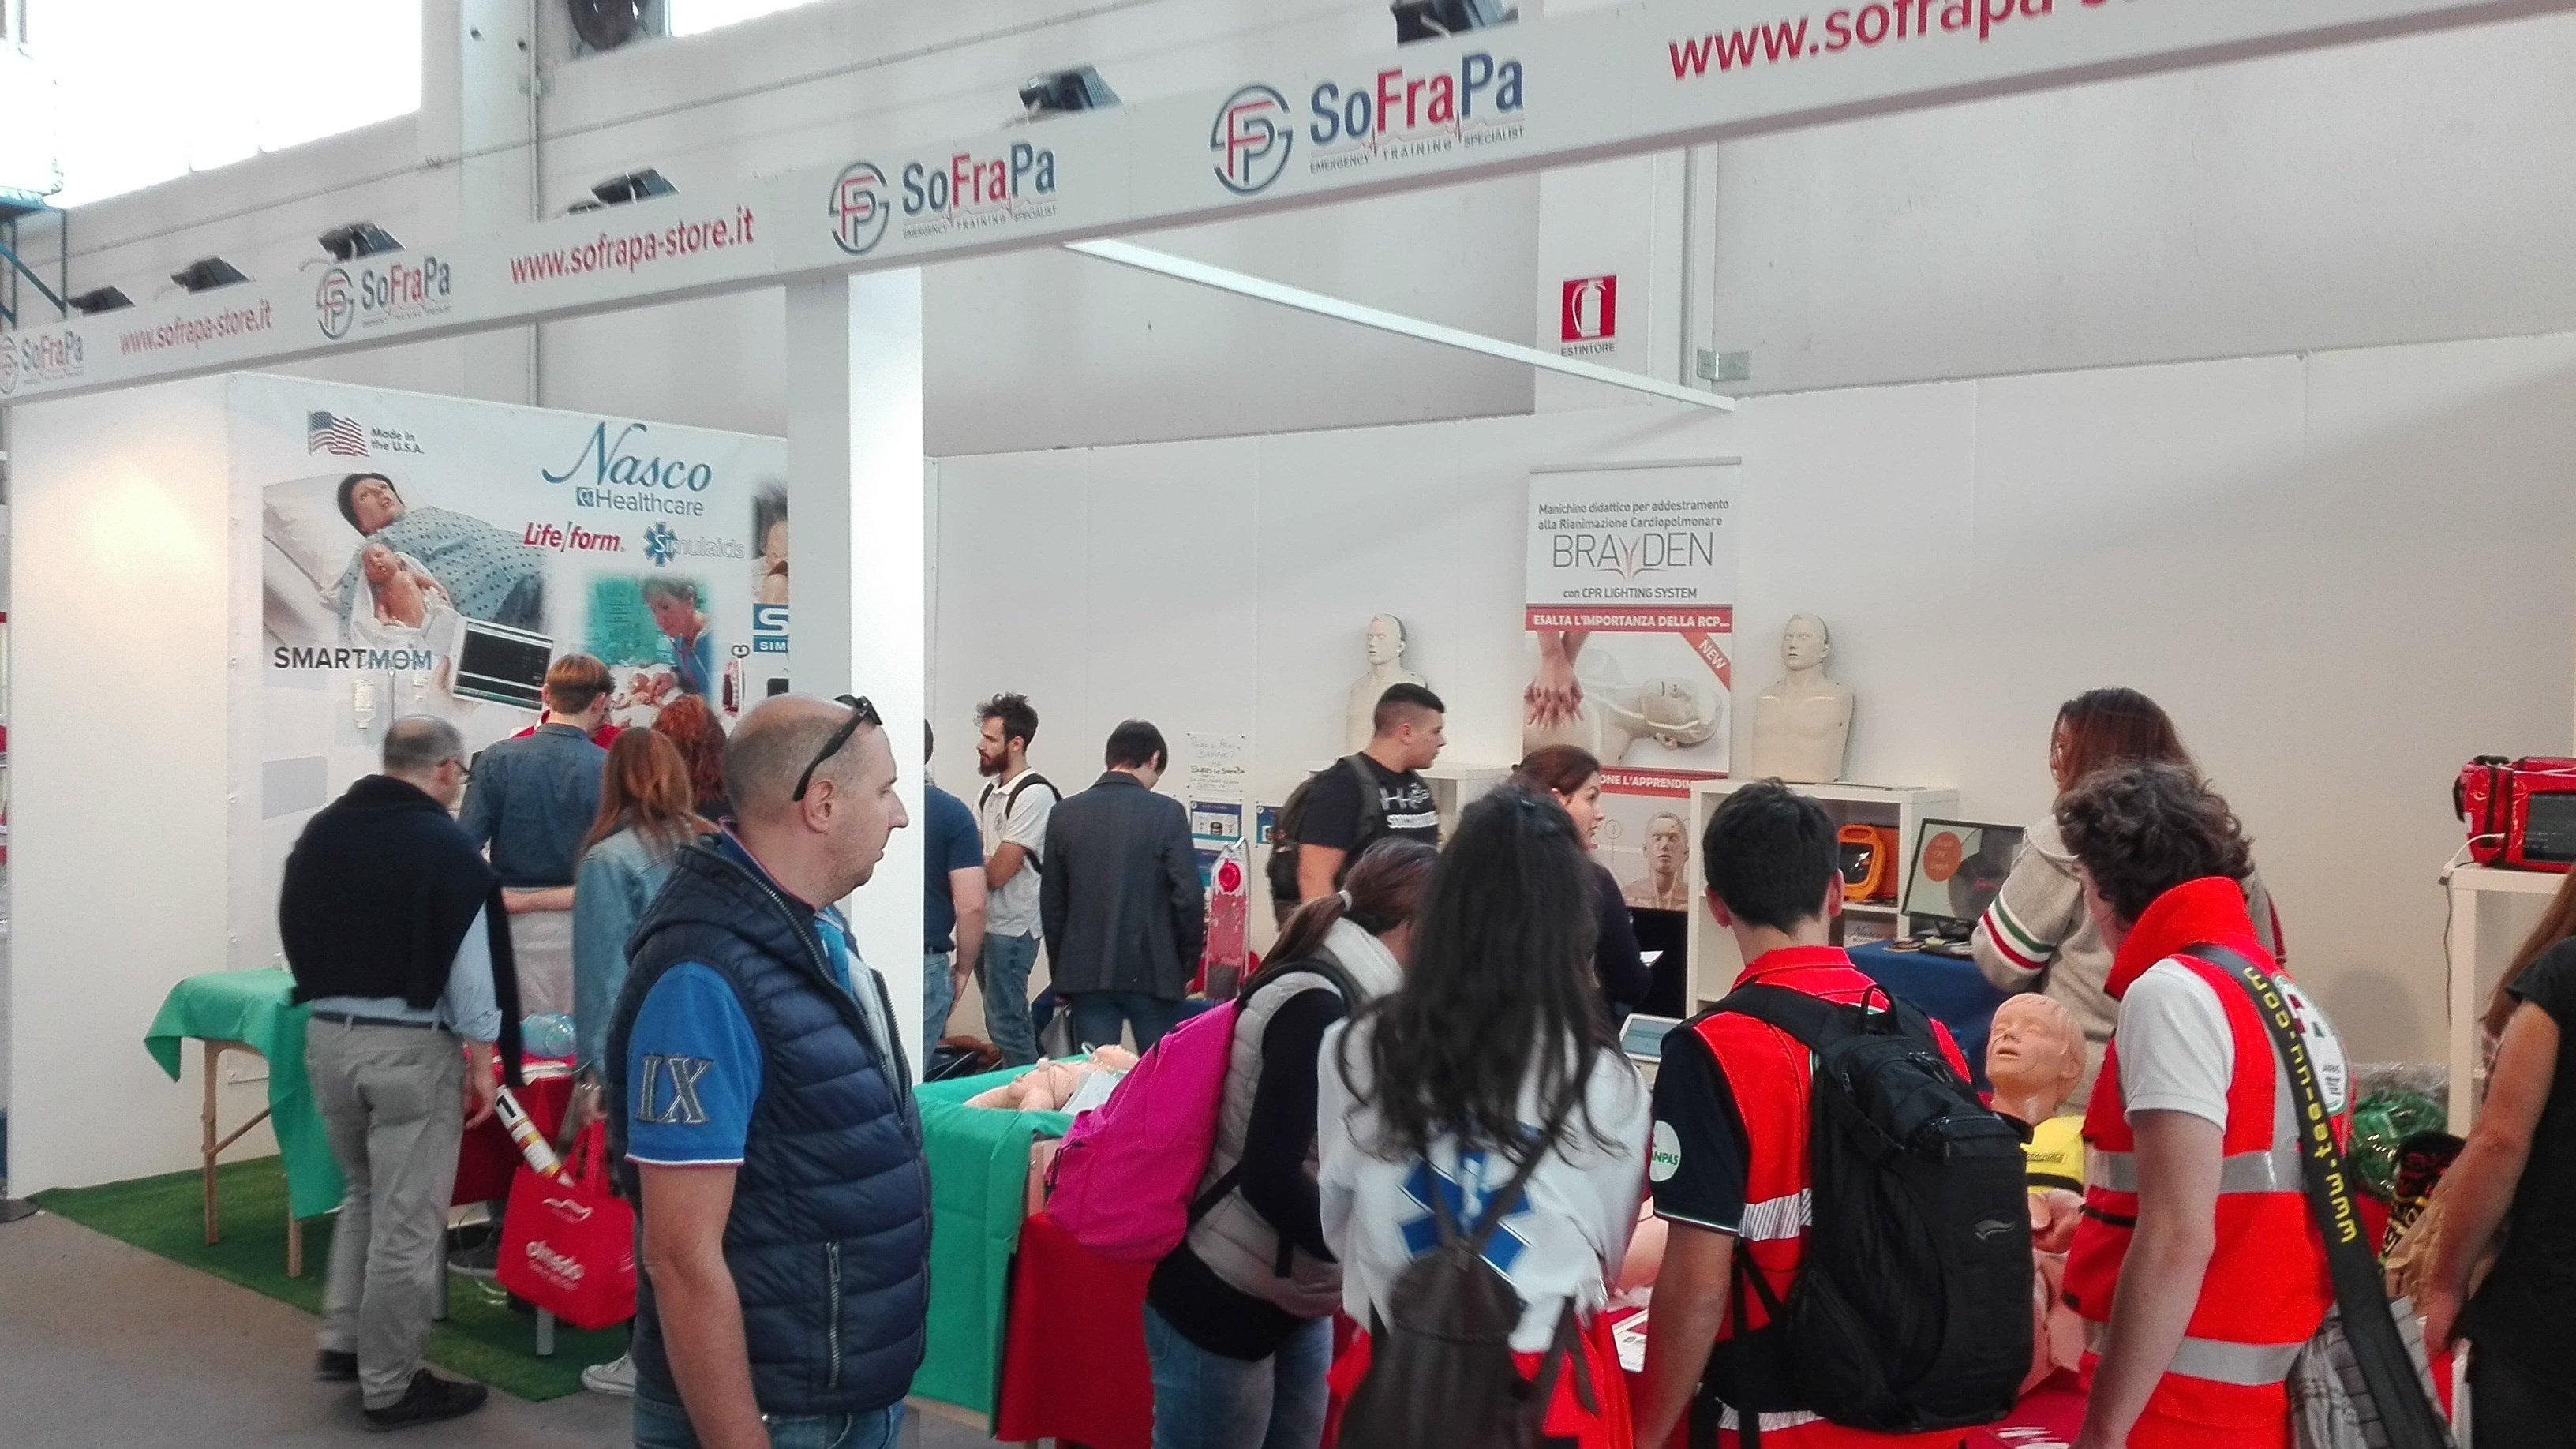 Folla di visitatori allo stand SoFraPa